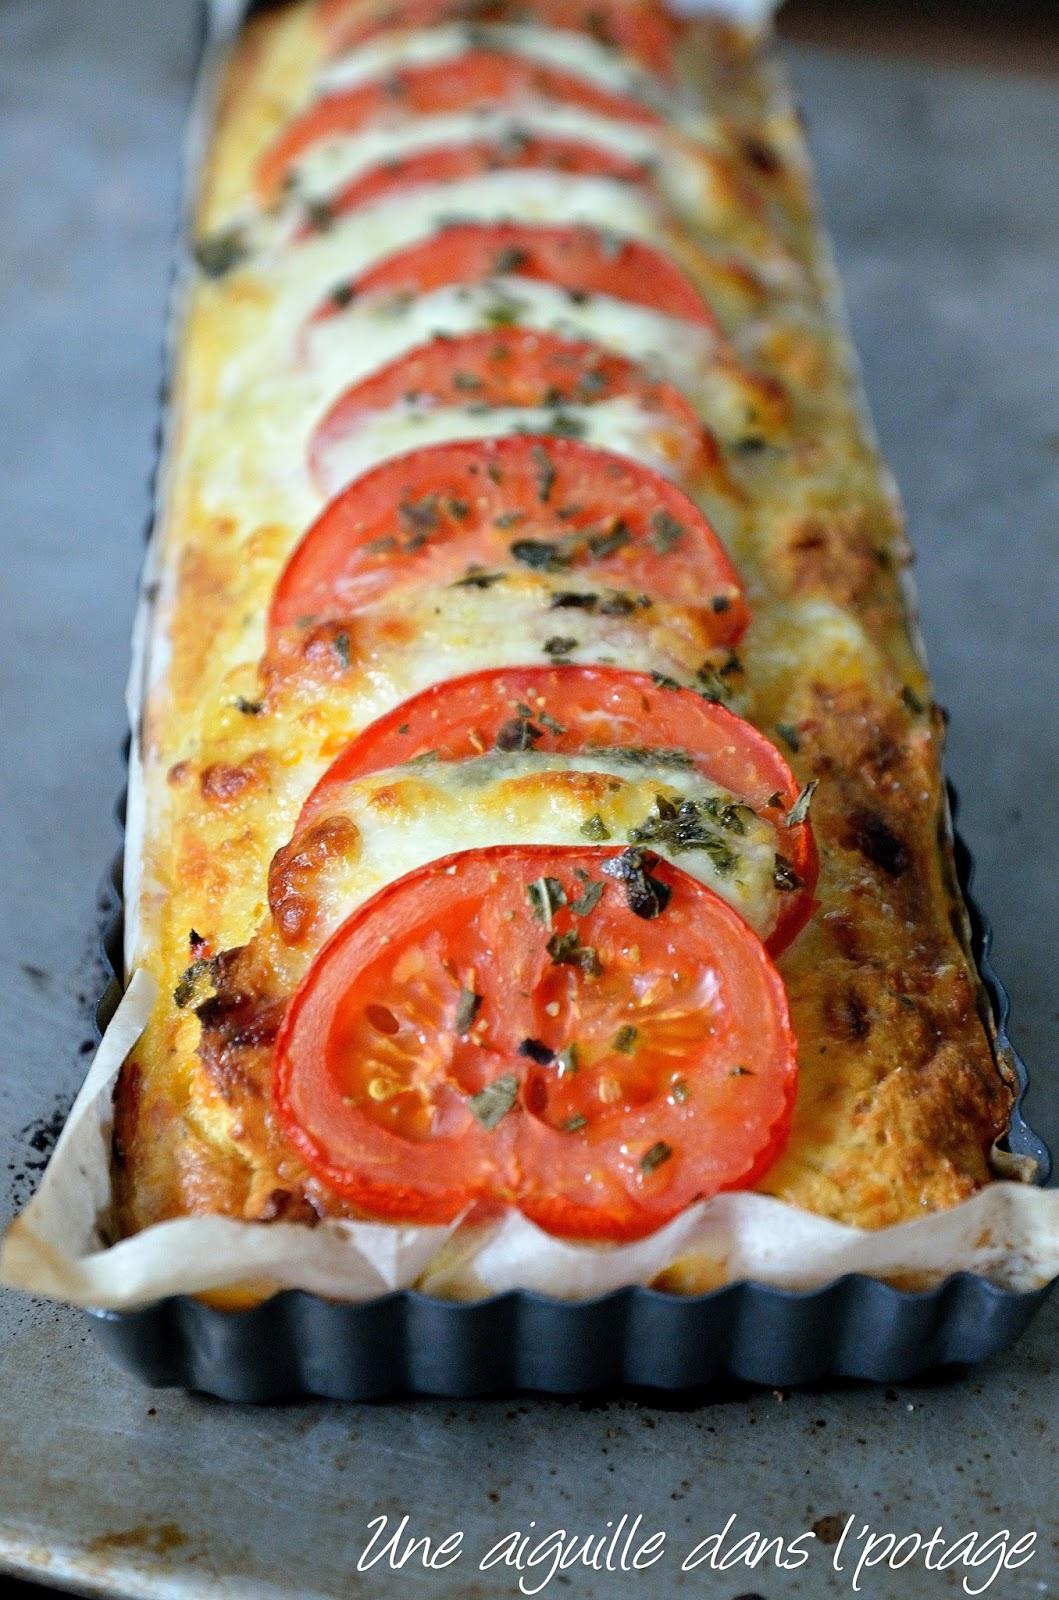 Une aiguille dans l 39 potage pudding de pain chorizo tomate mozzarella - Potage a la tomate maison ...